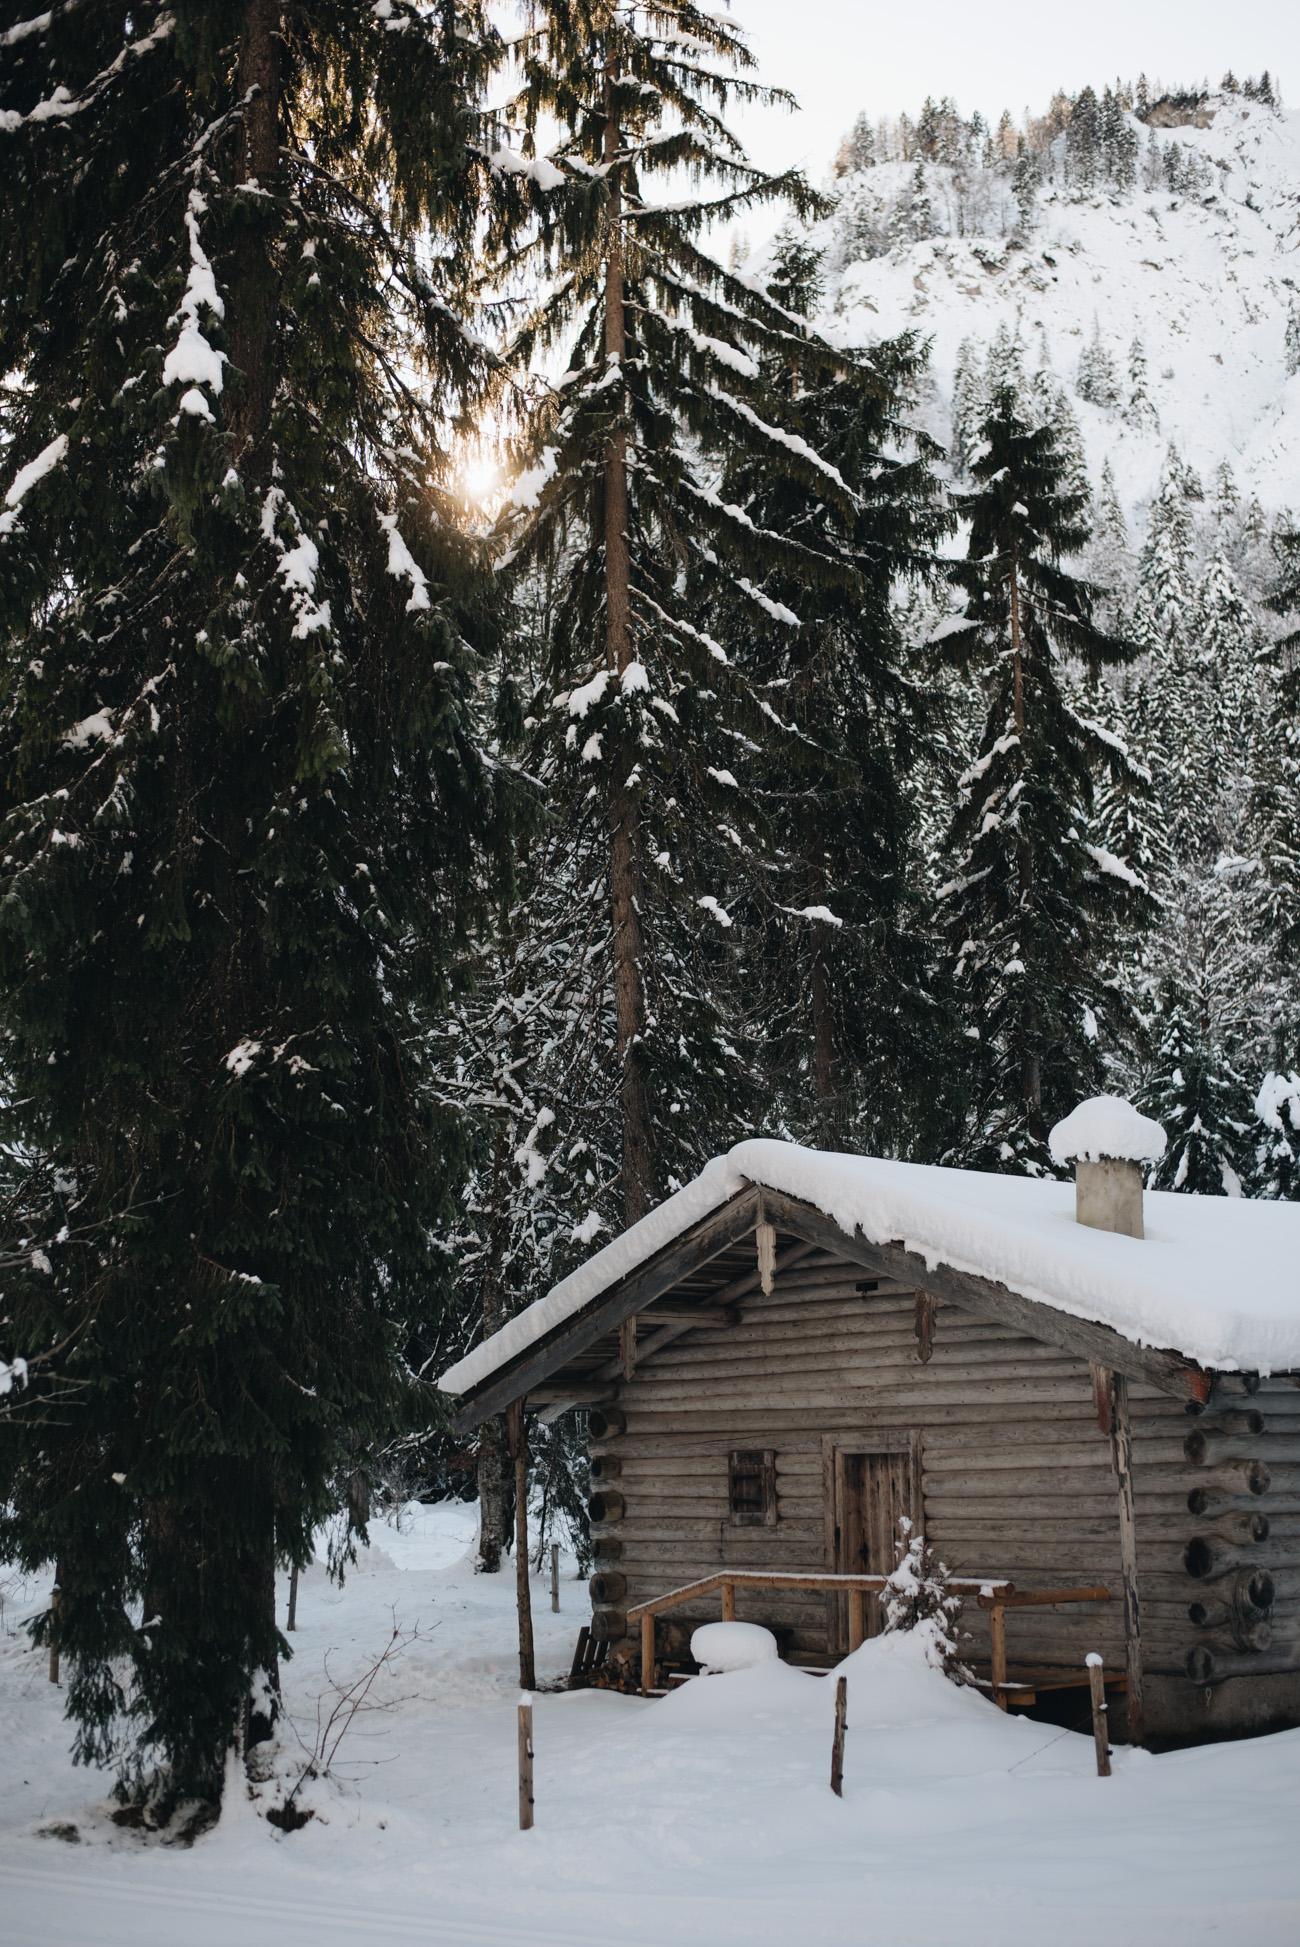 Retro-Holz-Ski-Vintage-winter-schnee-locations-orte-Tegernesee-kleine-hütte-im-Wald-Winter-Wonderland-fashiioncarpet-nina-schwichtenberg5